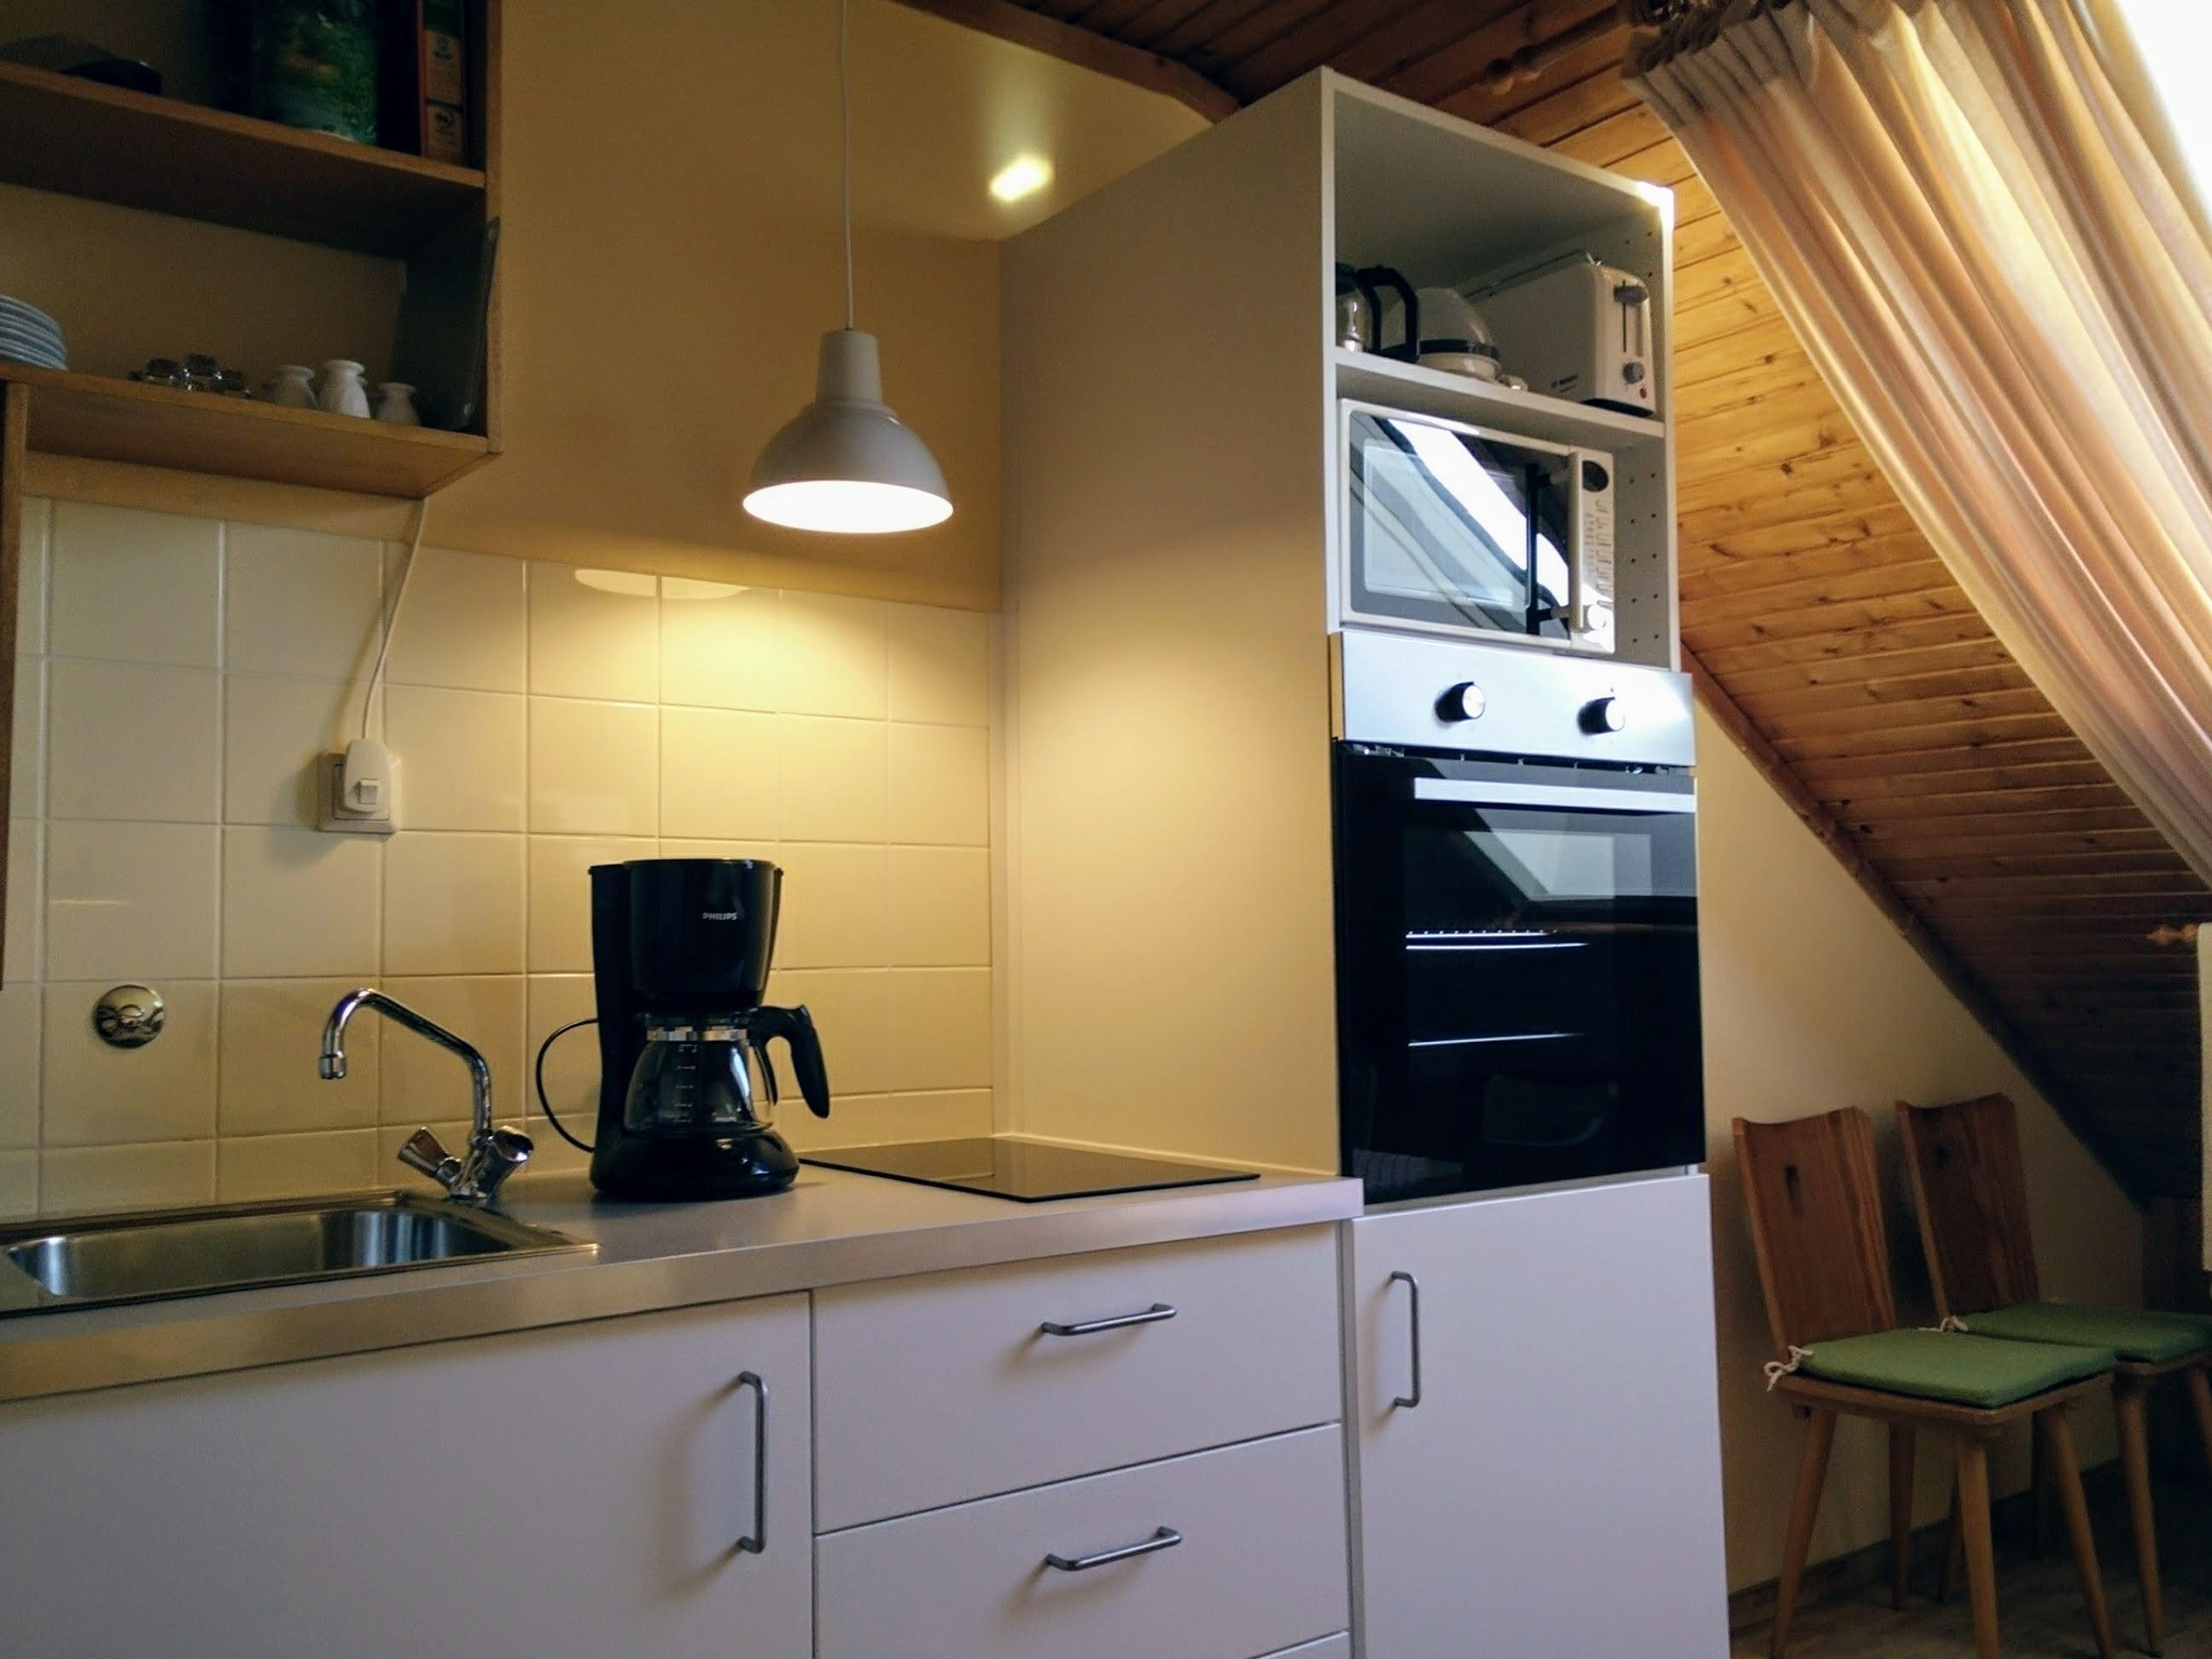 Speiseraum / Küche: Voll ausgestattet